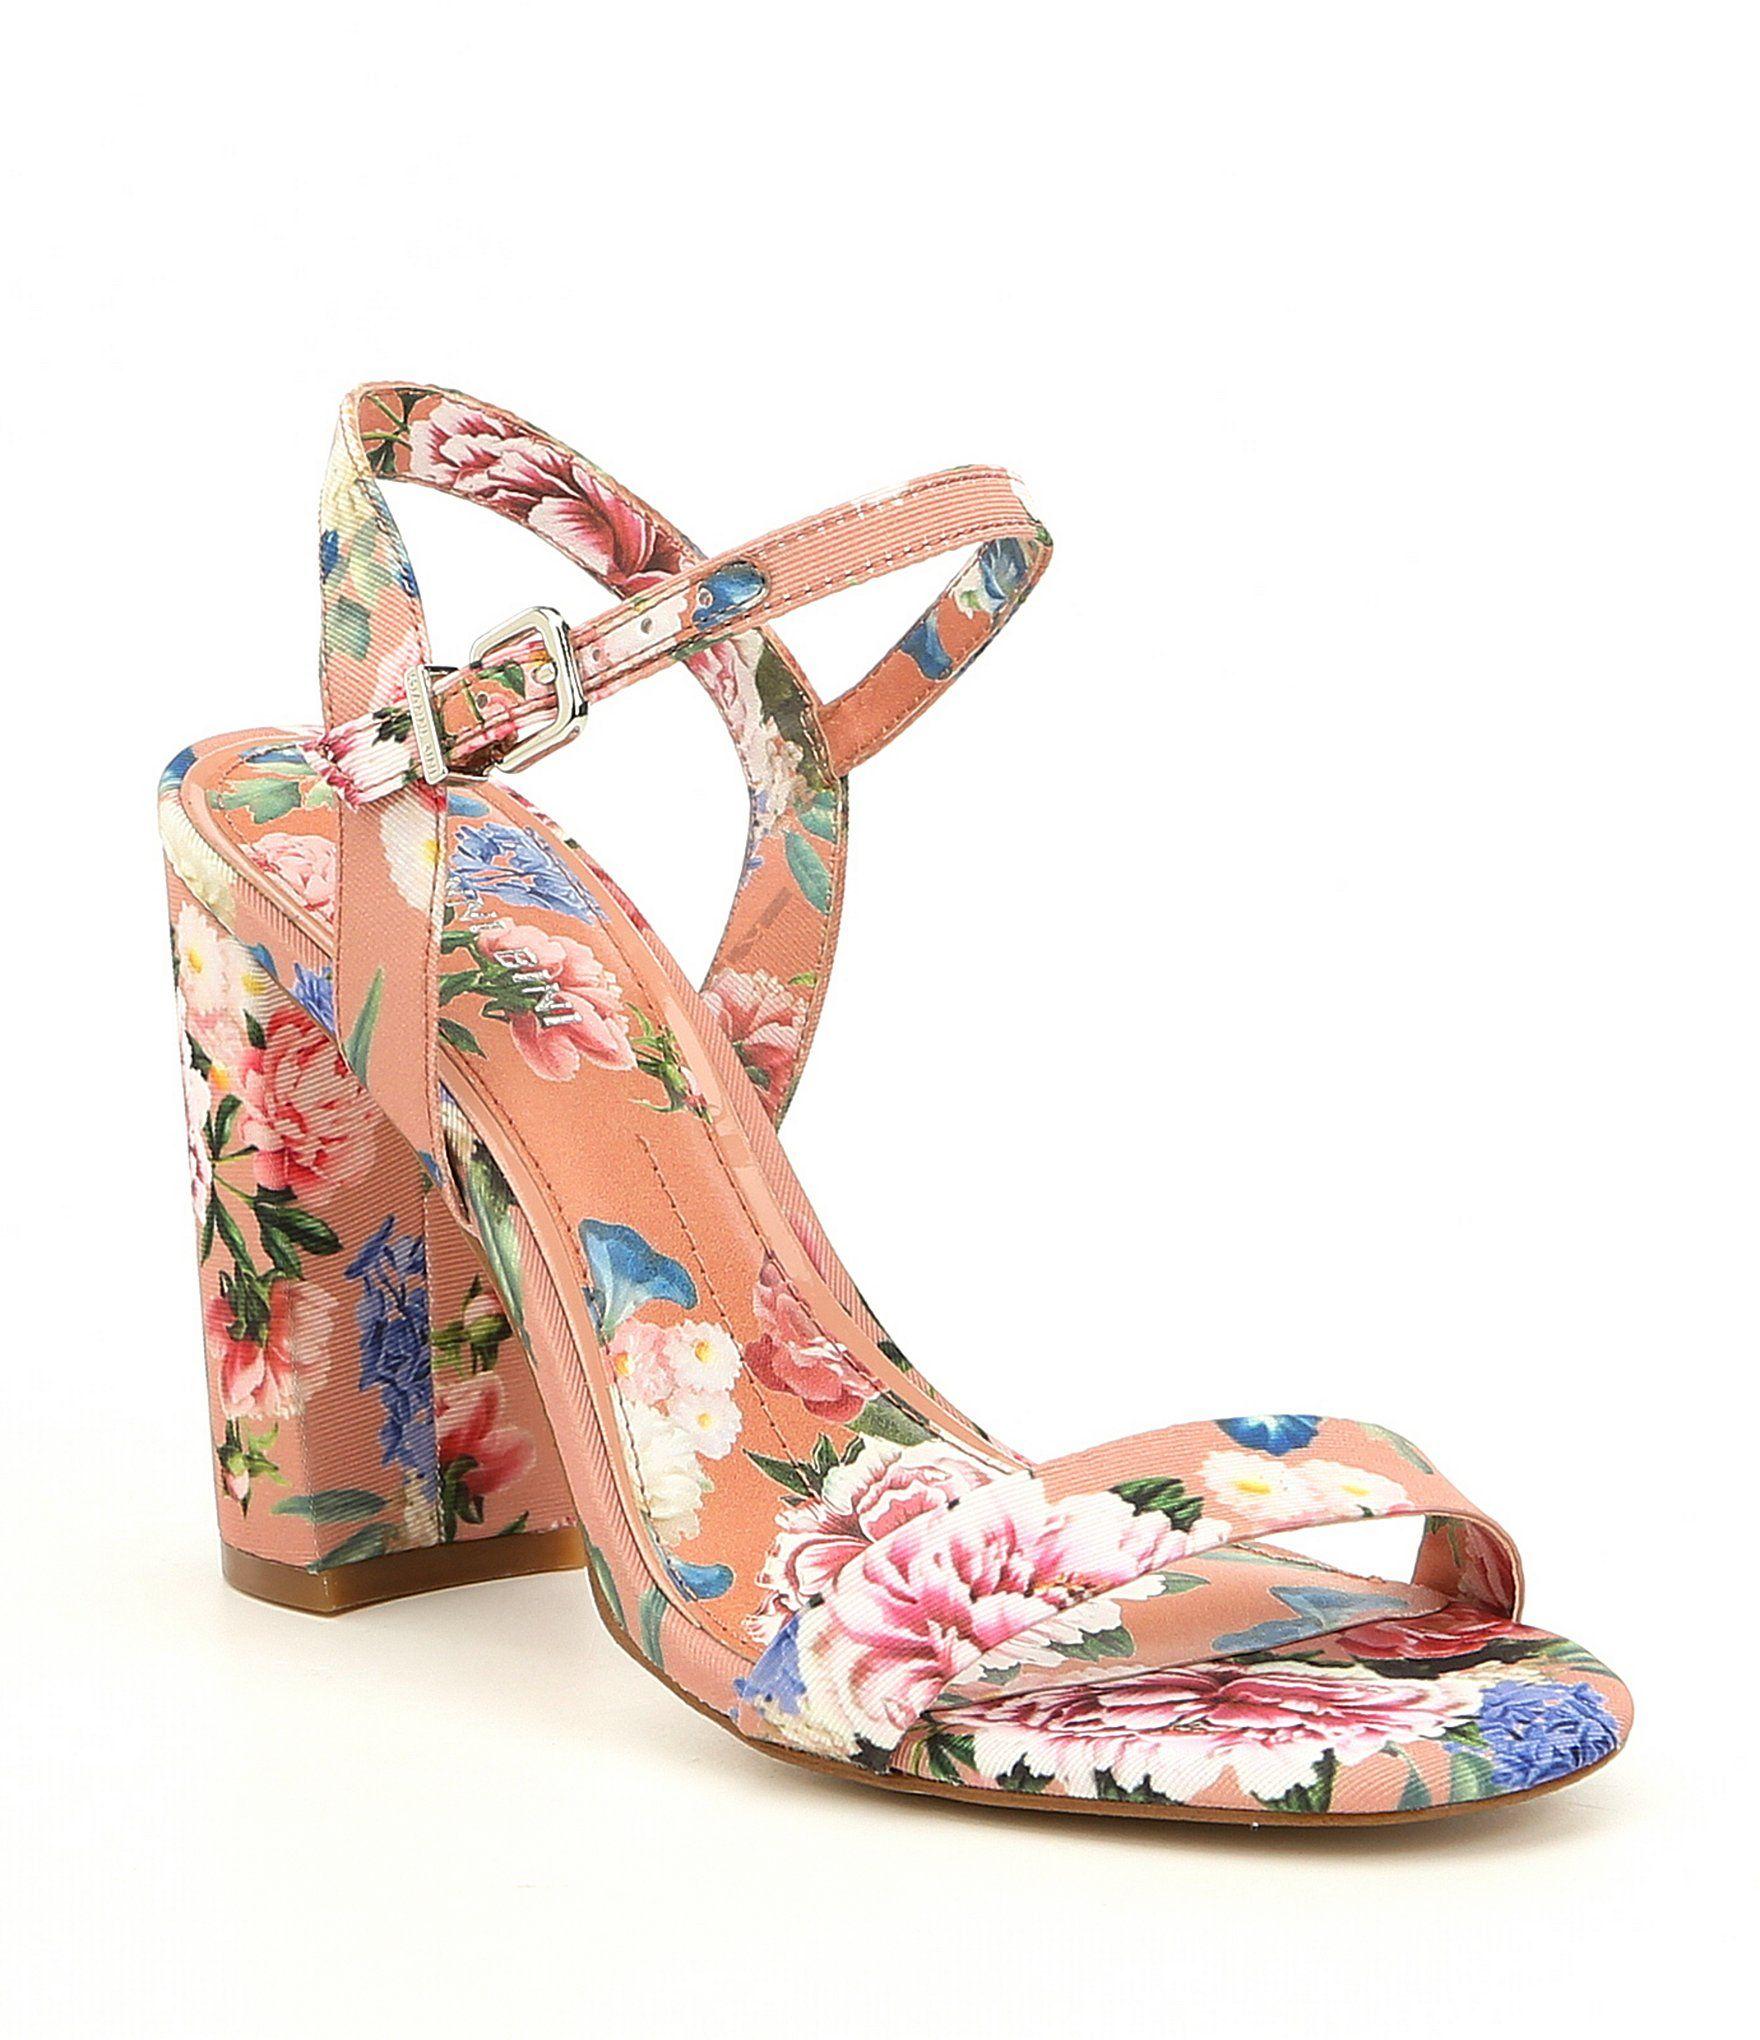 8d7b11ec33f Gianni Bini McKaria Floral Print Block Heel Dress Sandals #Dillards ...